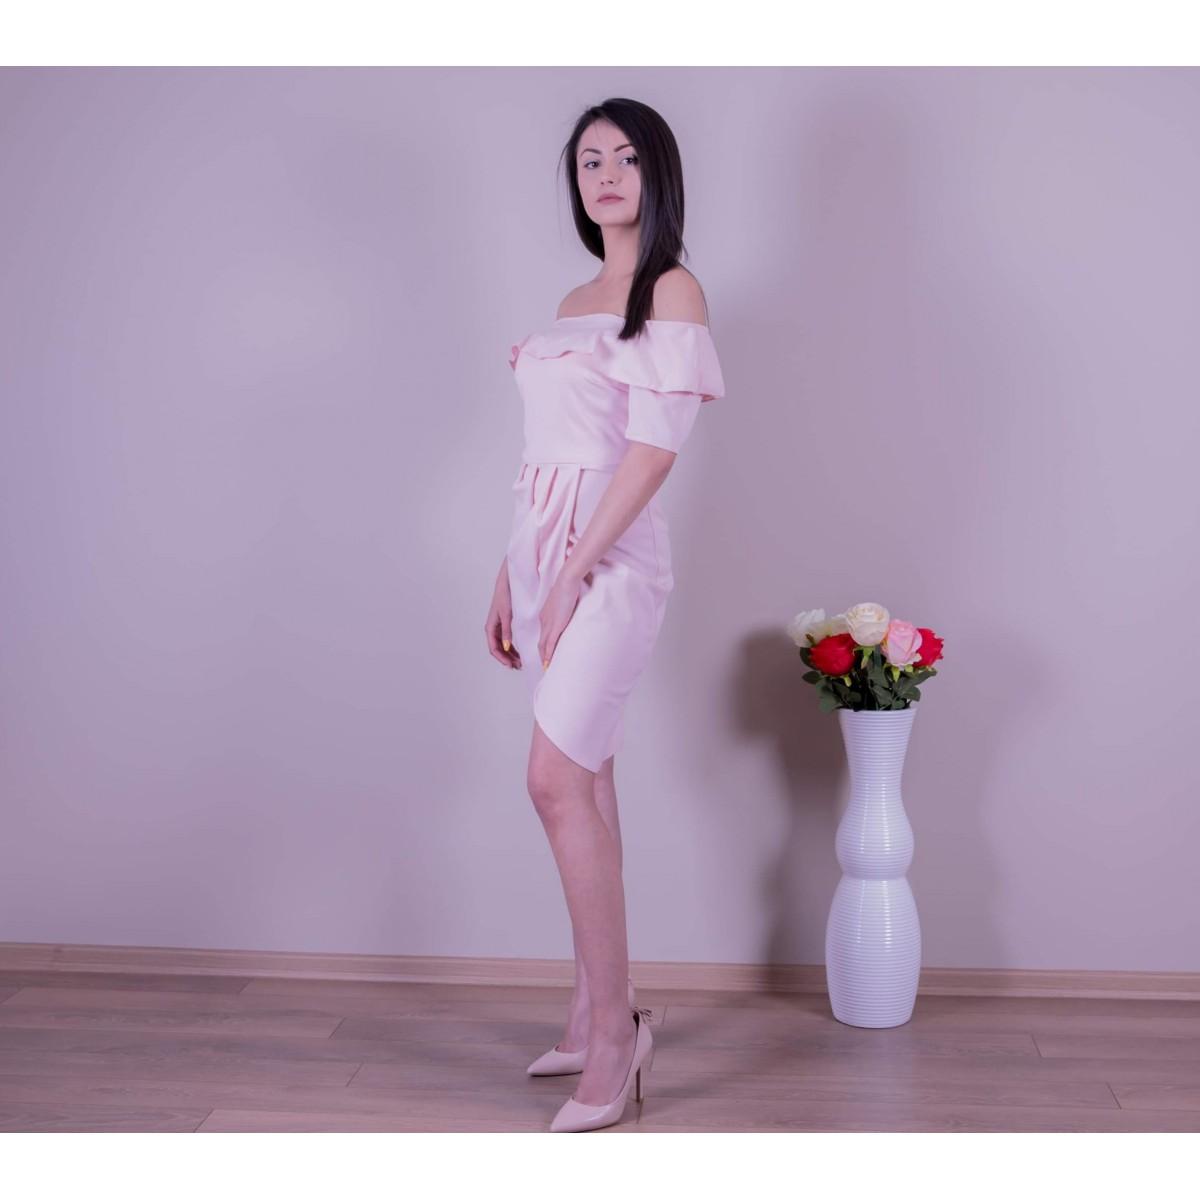 Розова рокля с цепка  Снимка 3 от 3